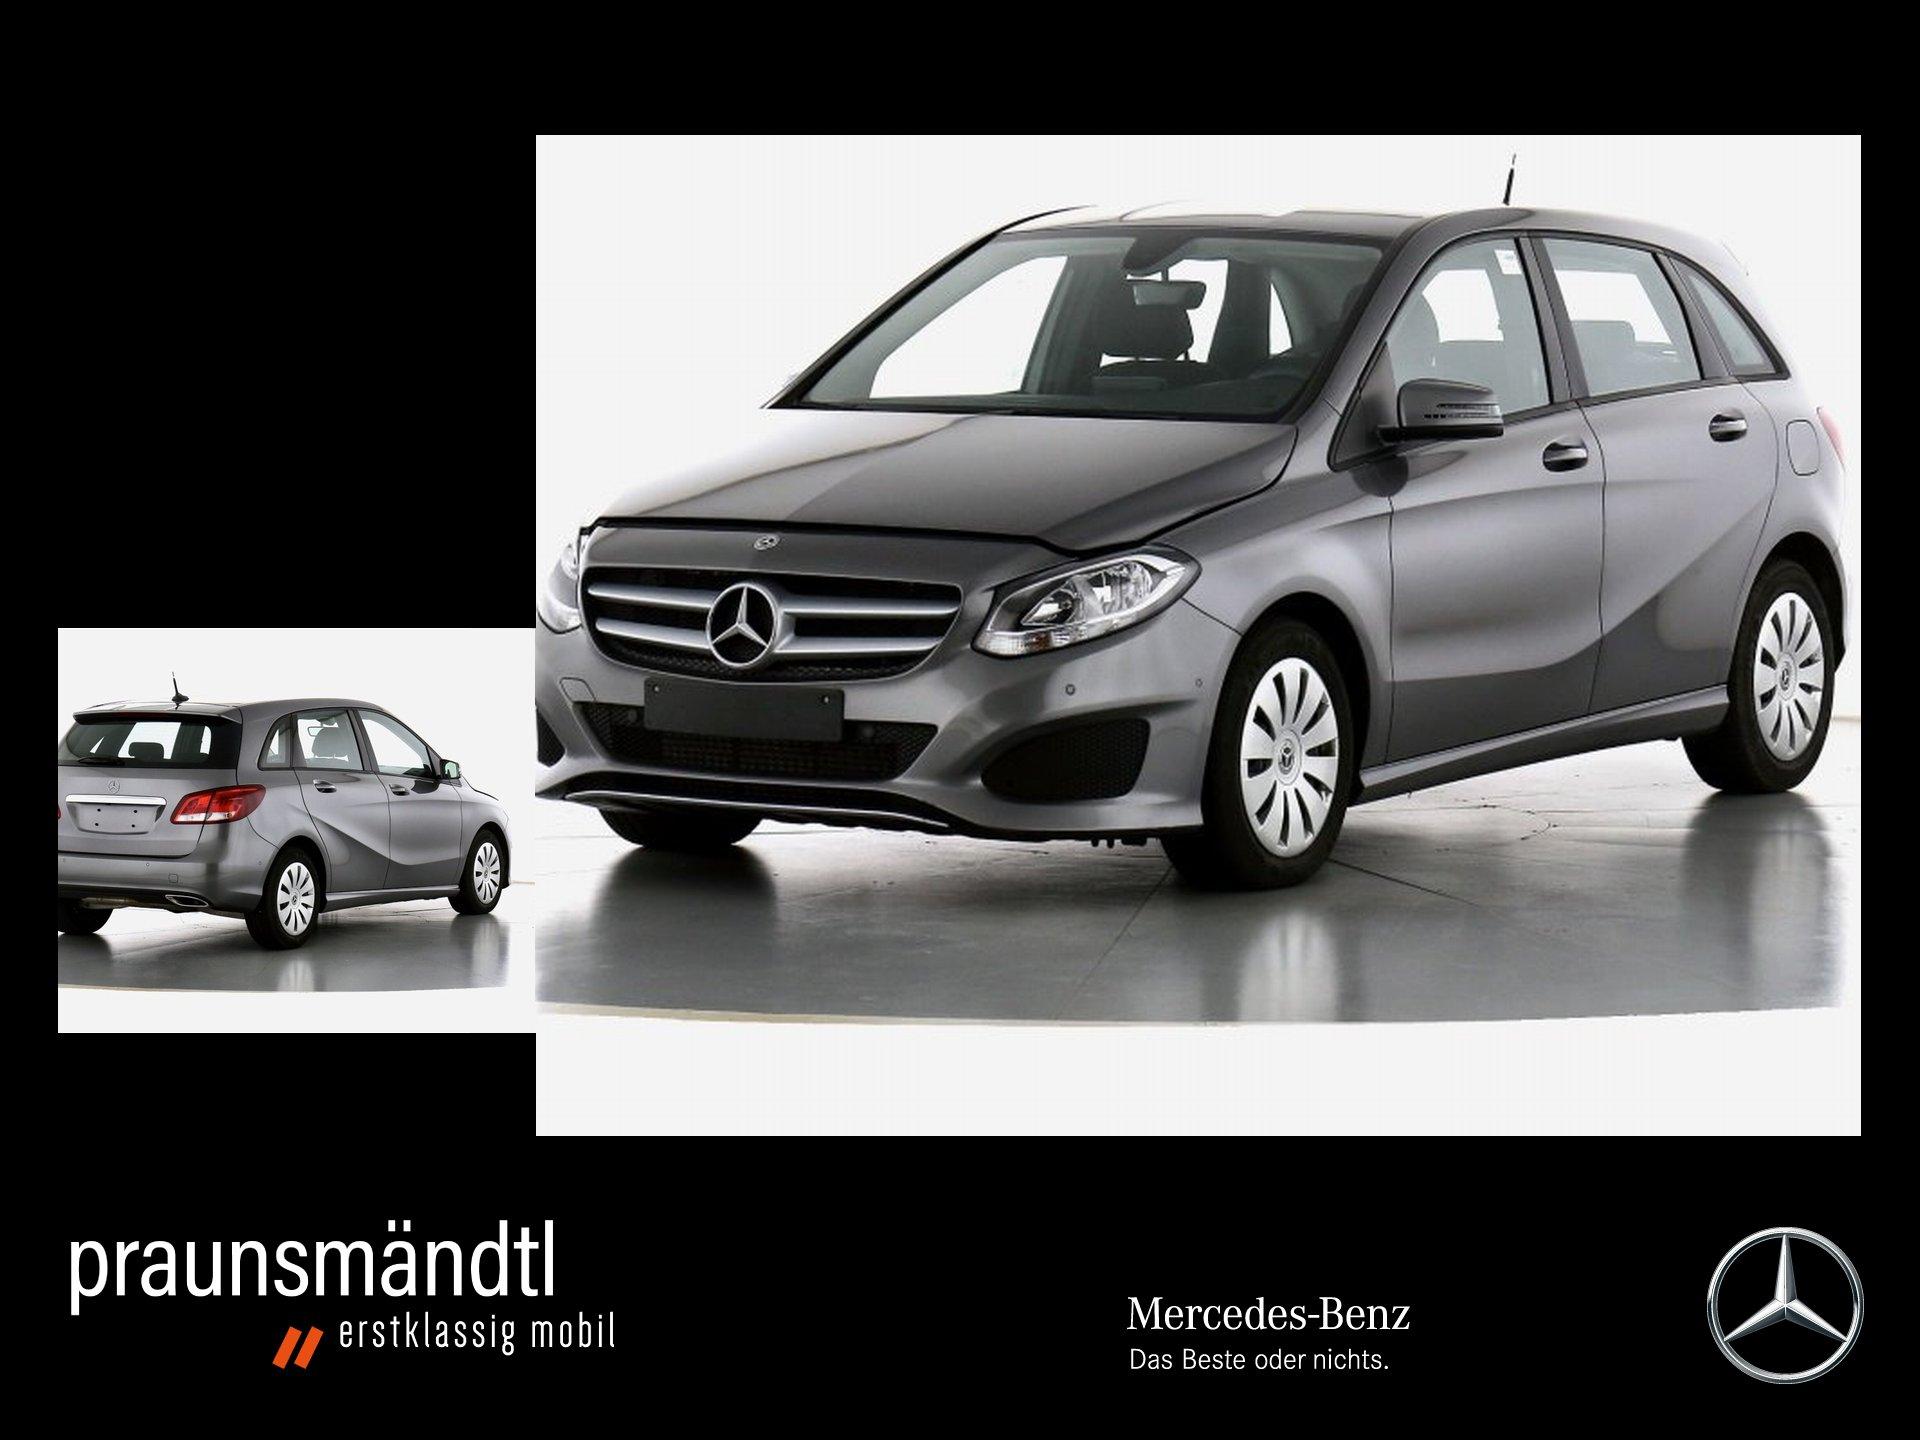 Mercedes-Benz B 220 d 7ATG/PTS/Navi/Kamera/SHZ/Spiegelpaket/CD, Jahr 2018, Diesel